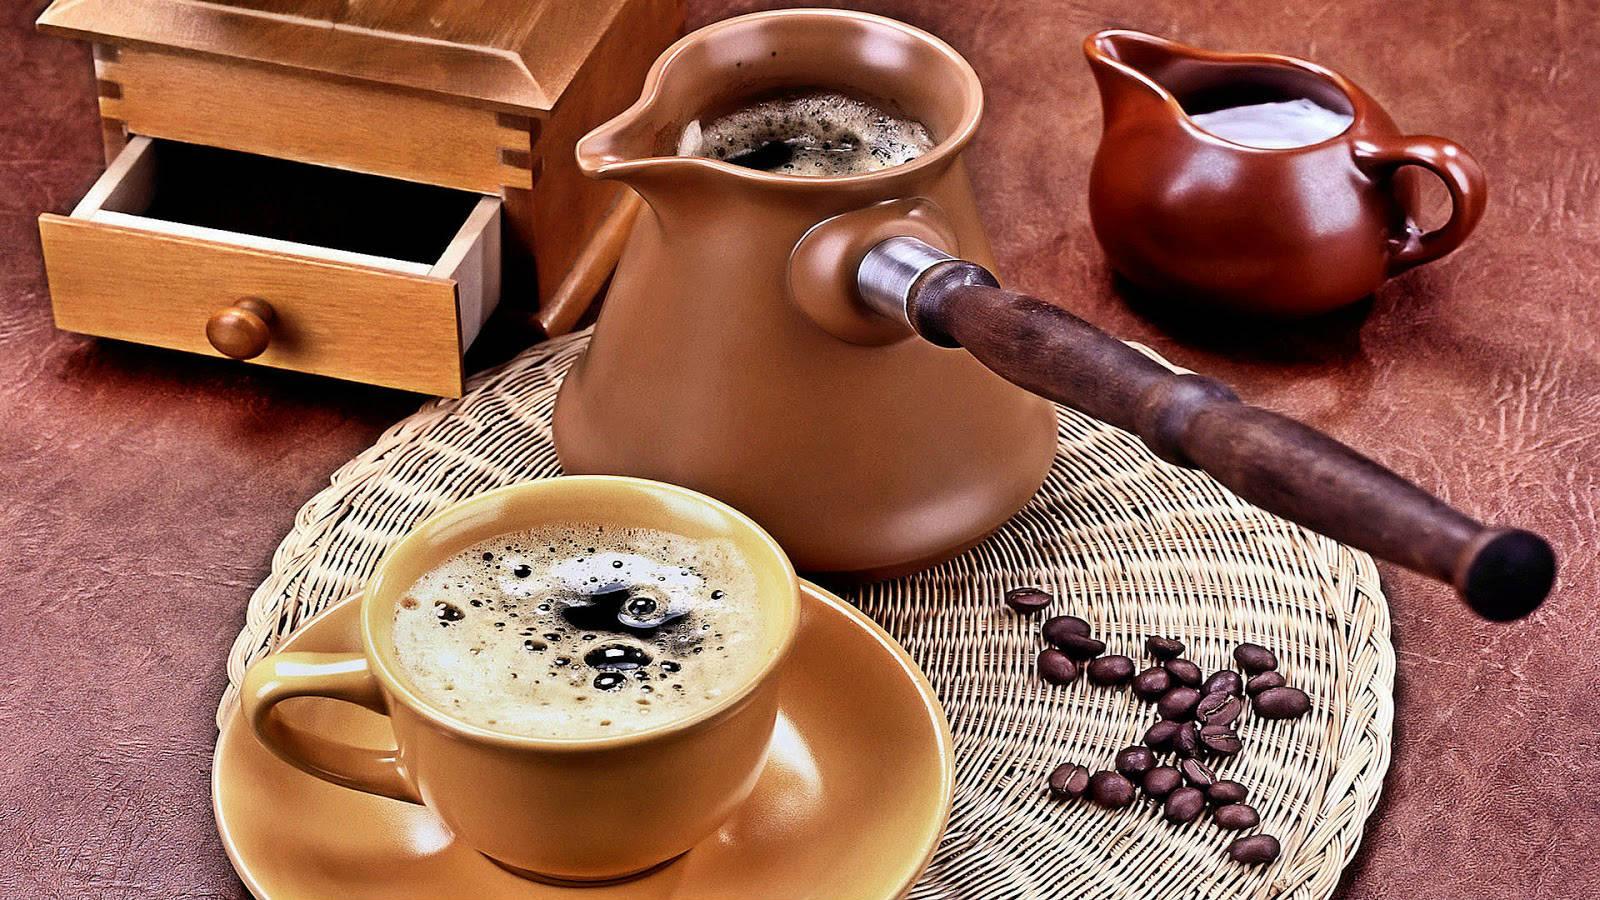 Користь кави для вас, або Чому варто вживати каву щодня